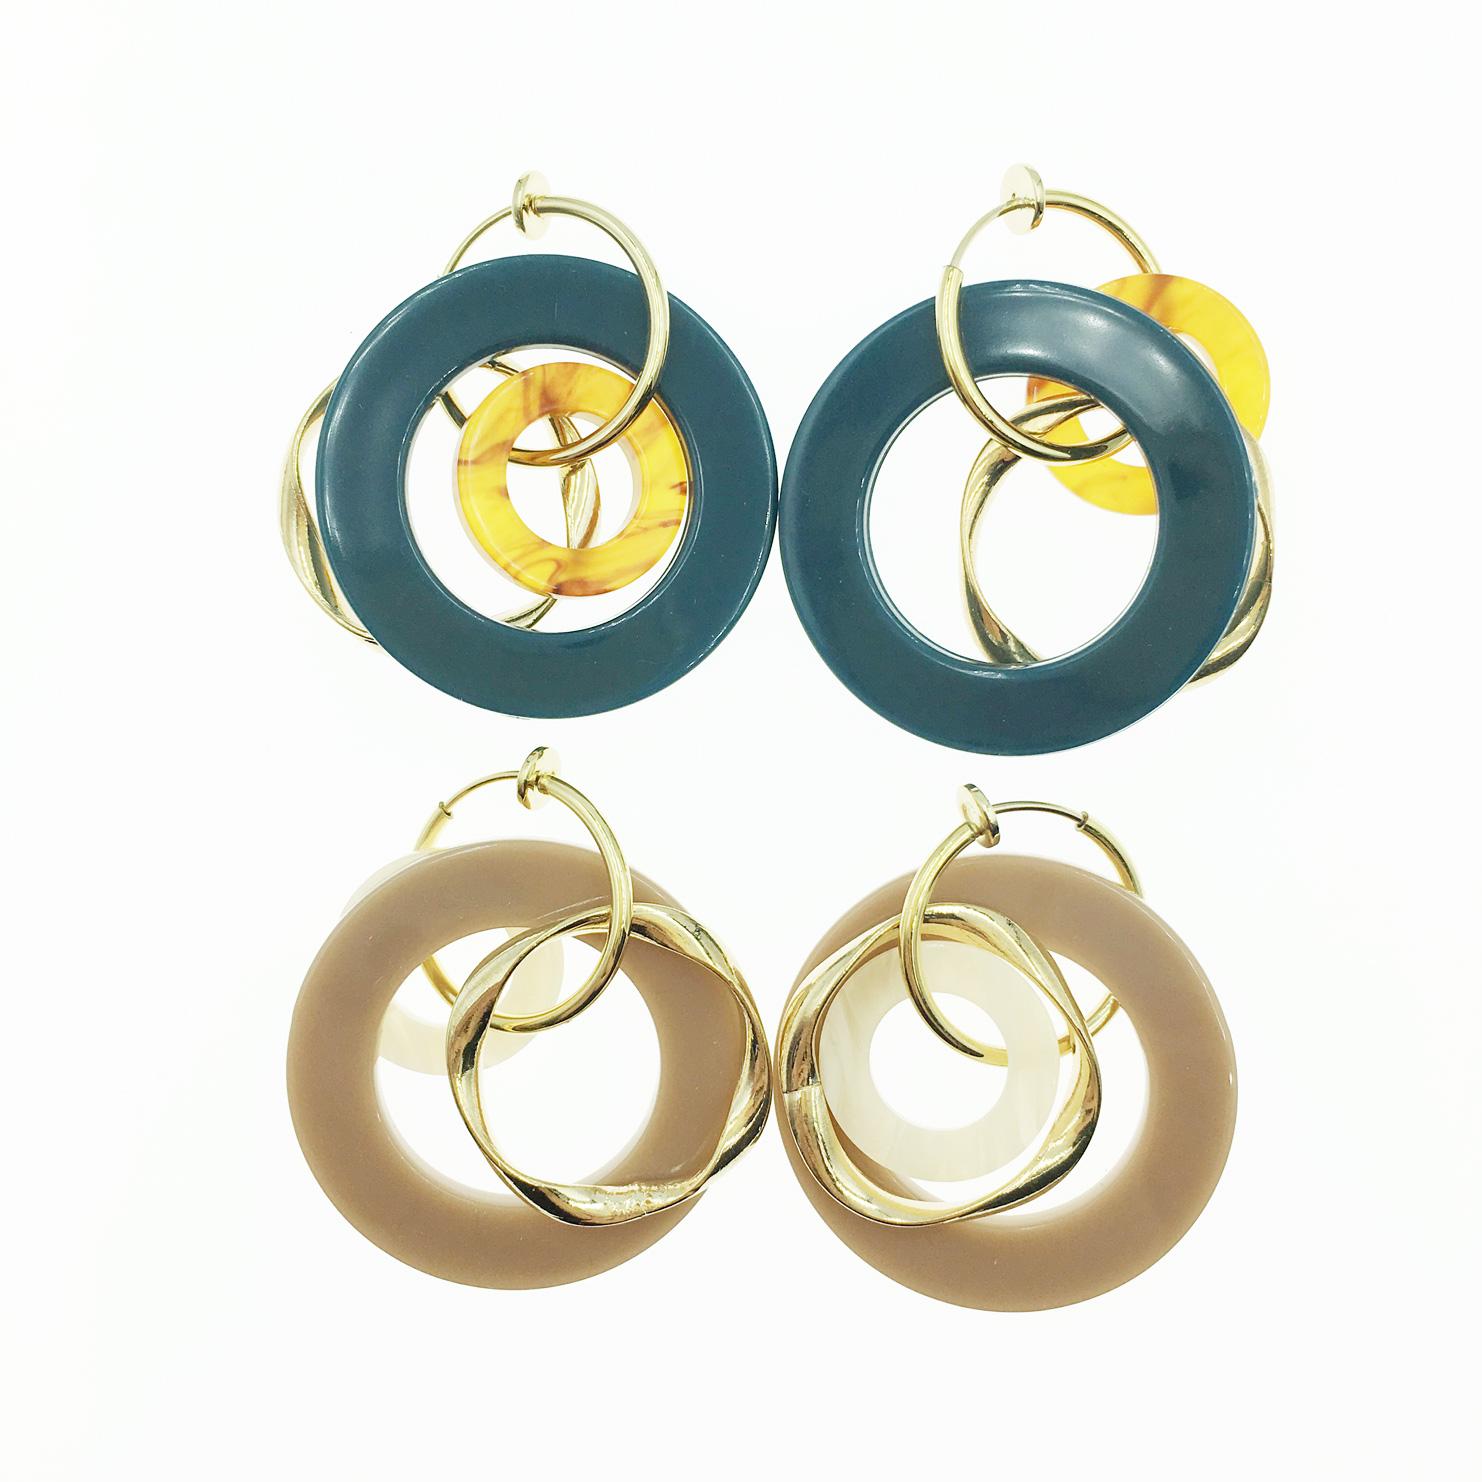 韓國 圓圈 圈圈 簍空 流行時尚款 2色 垂墜感 夾式耳環